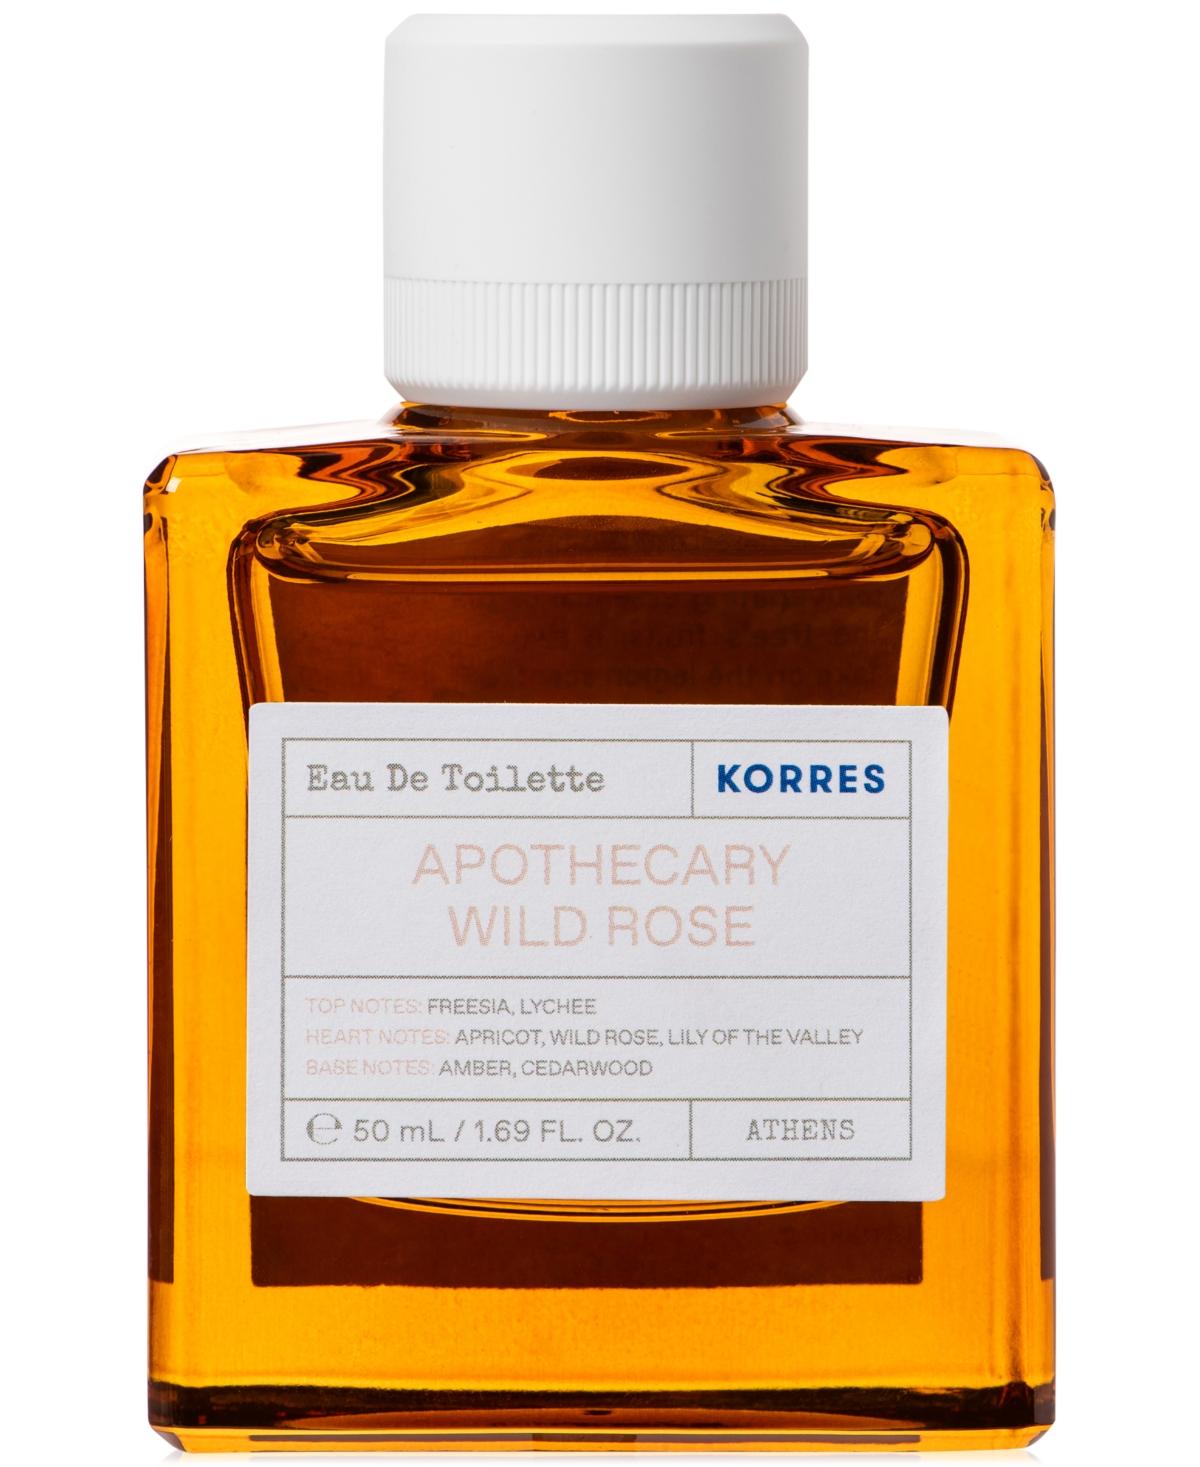 Korres Apothecary Wild Rose Eau de Toilette, 50 ml